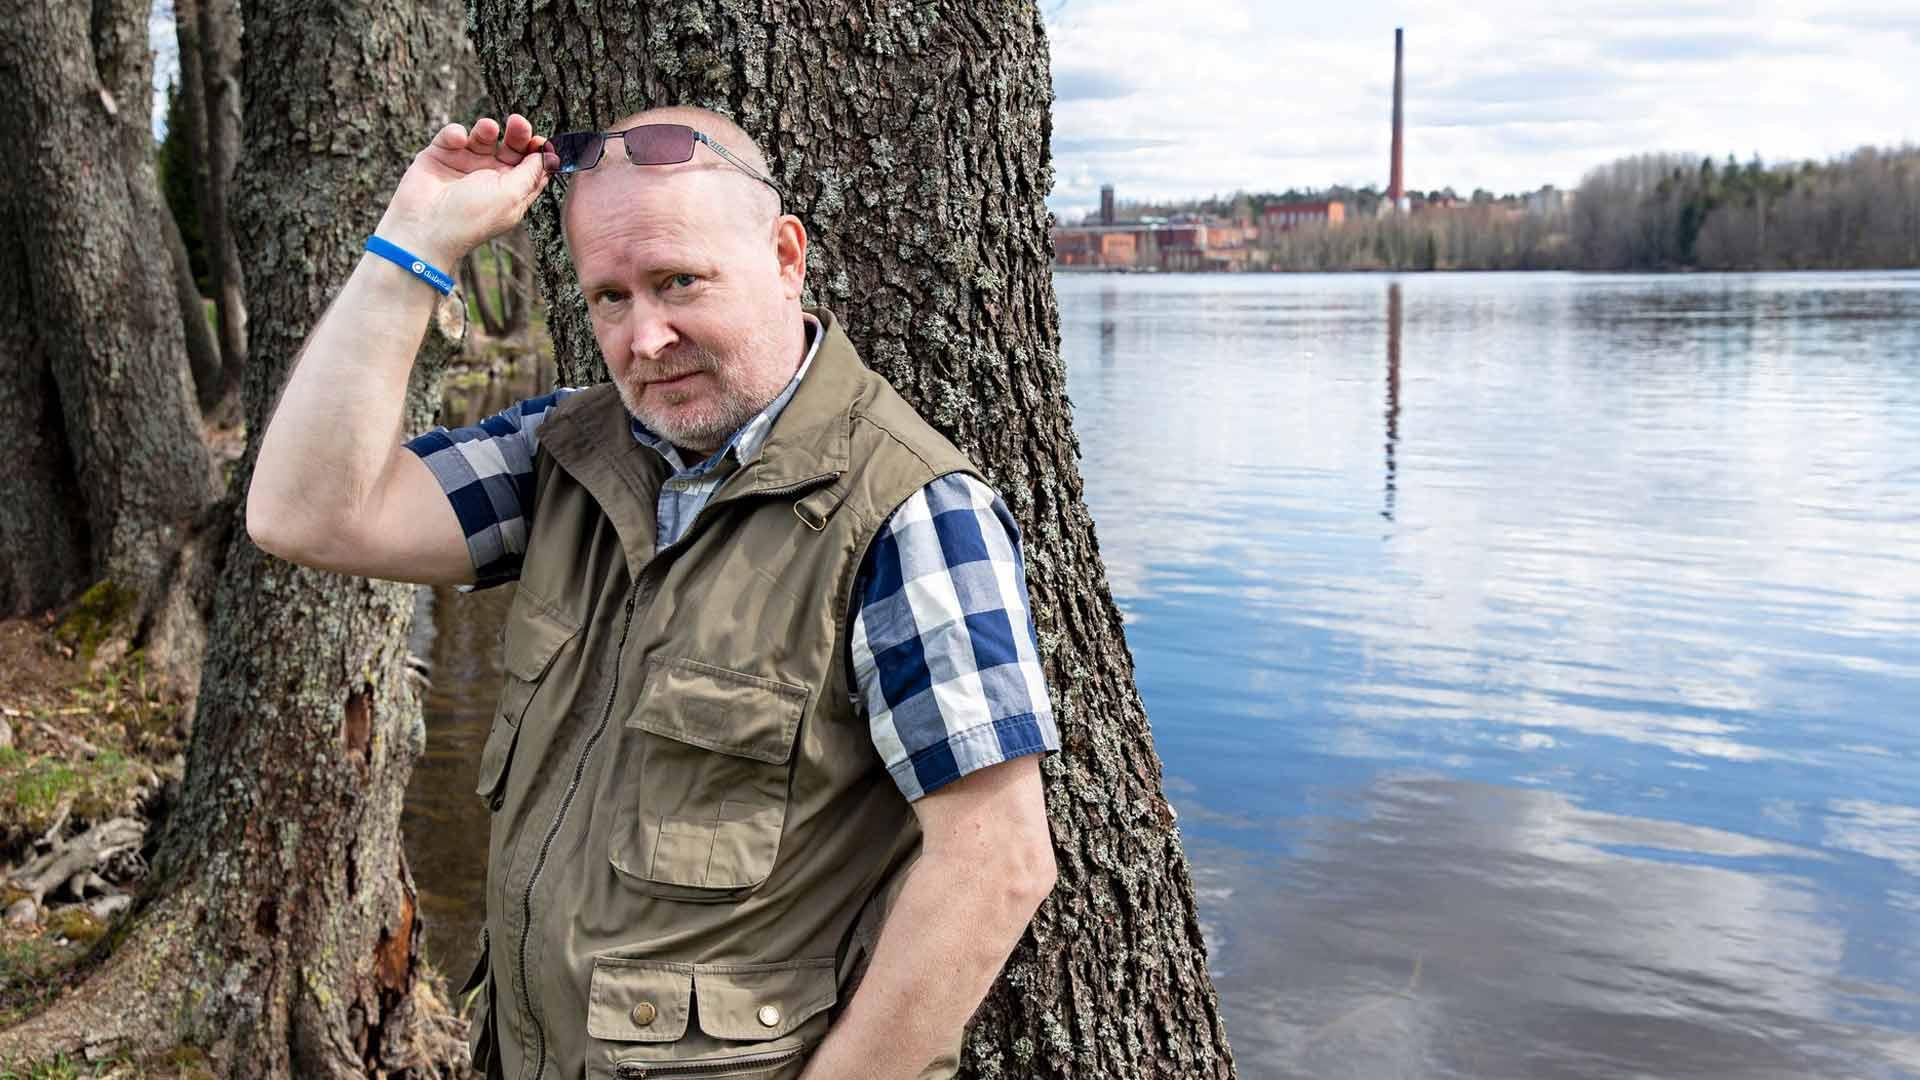 """""""Negatiiviselle politiikalle tulee olemaan tilausta, ja perussuomalaiset elää epäjärjestyksen luomisesta. Puolueella on edessä toinen repeäminen, sillä yhteinen linja on löytynyt vain maahanmuuton vastustamisesta"""", Jari Lindström sanoo."""